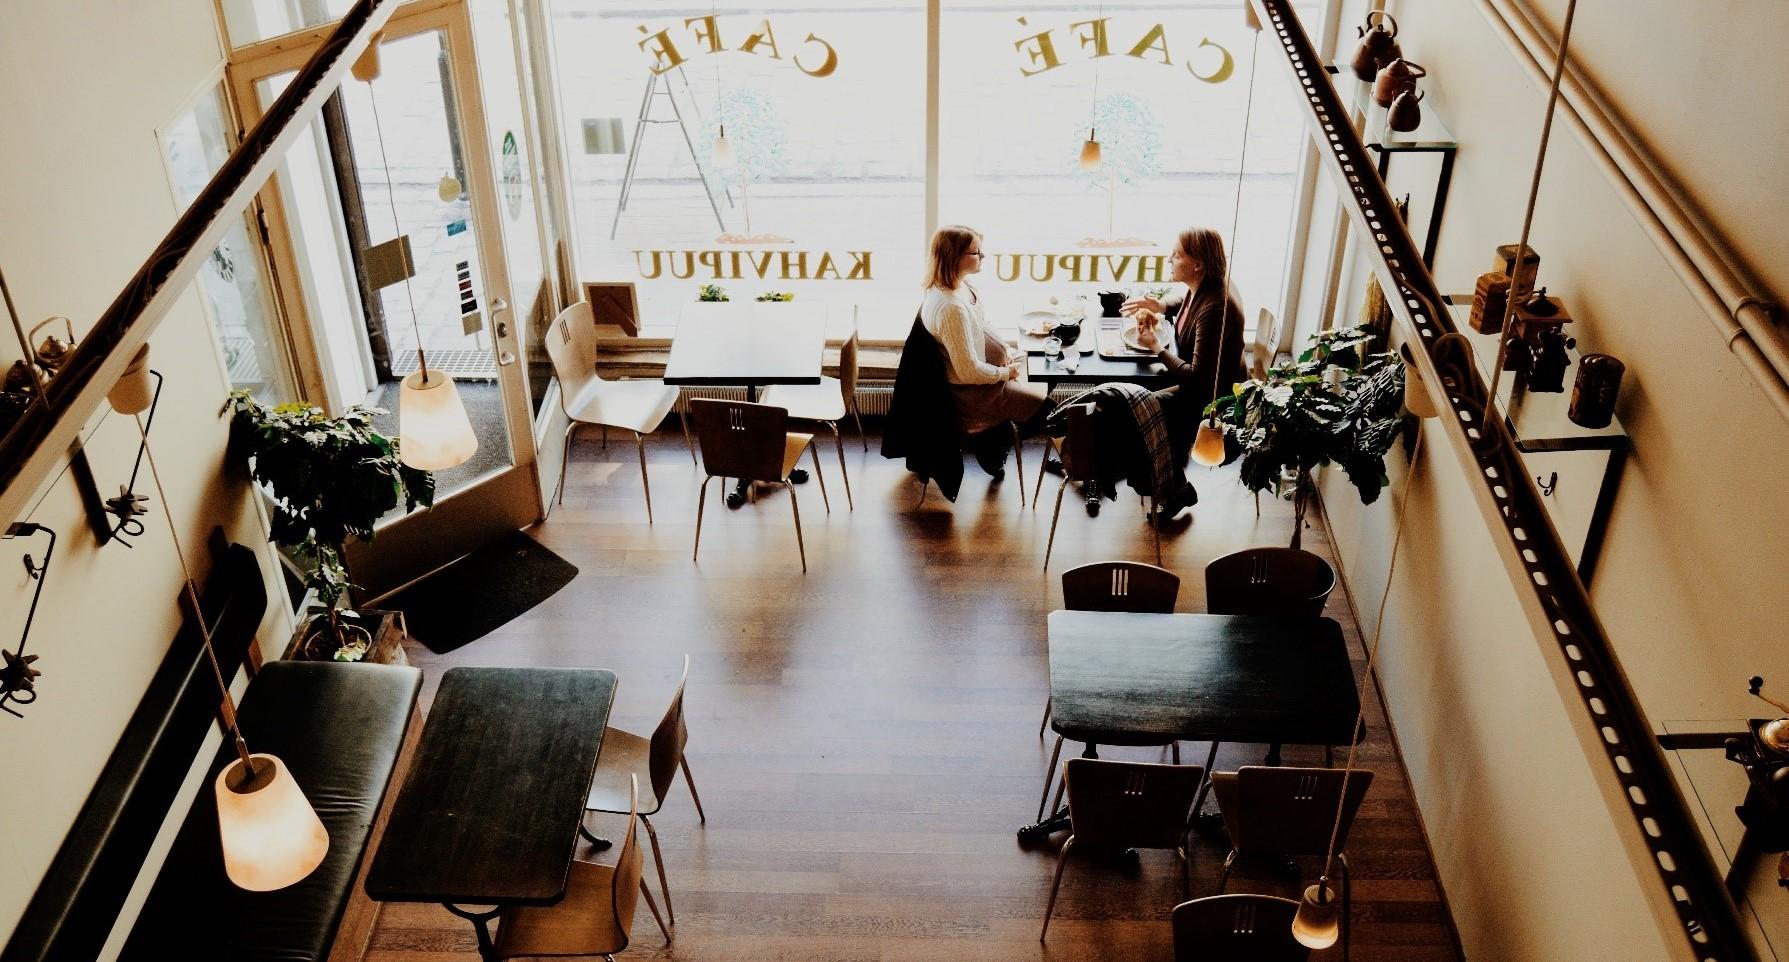 Cafe - Sized